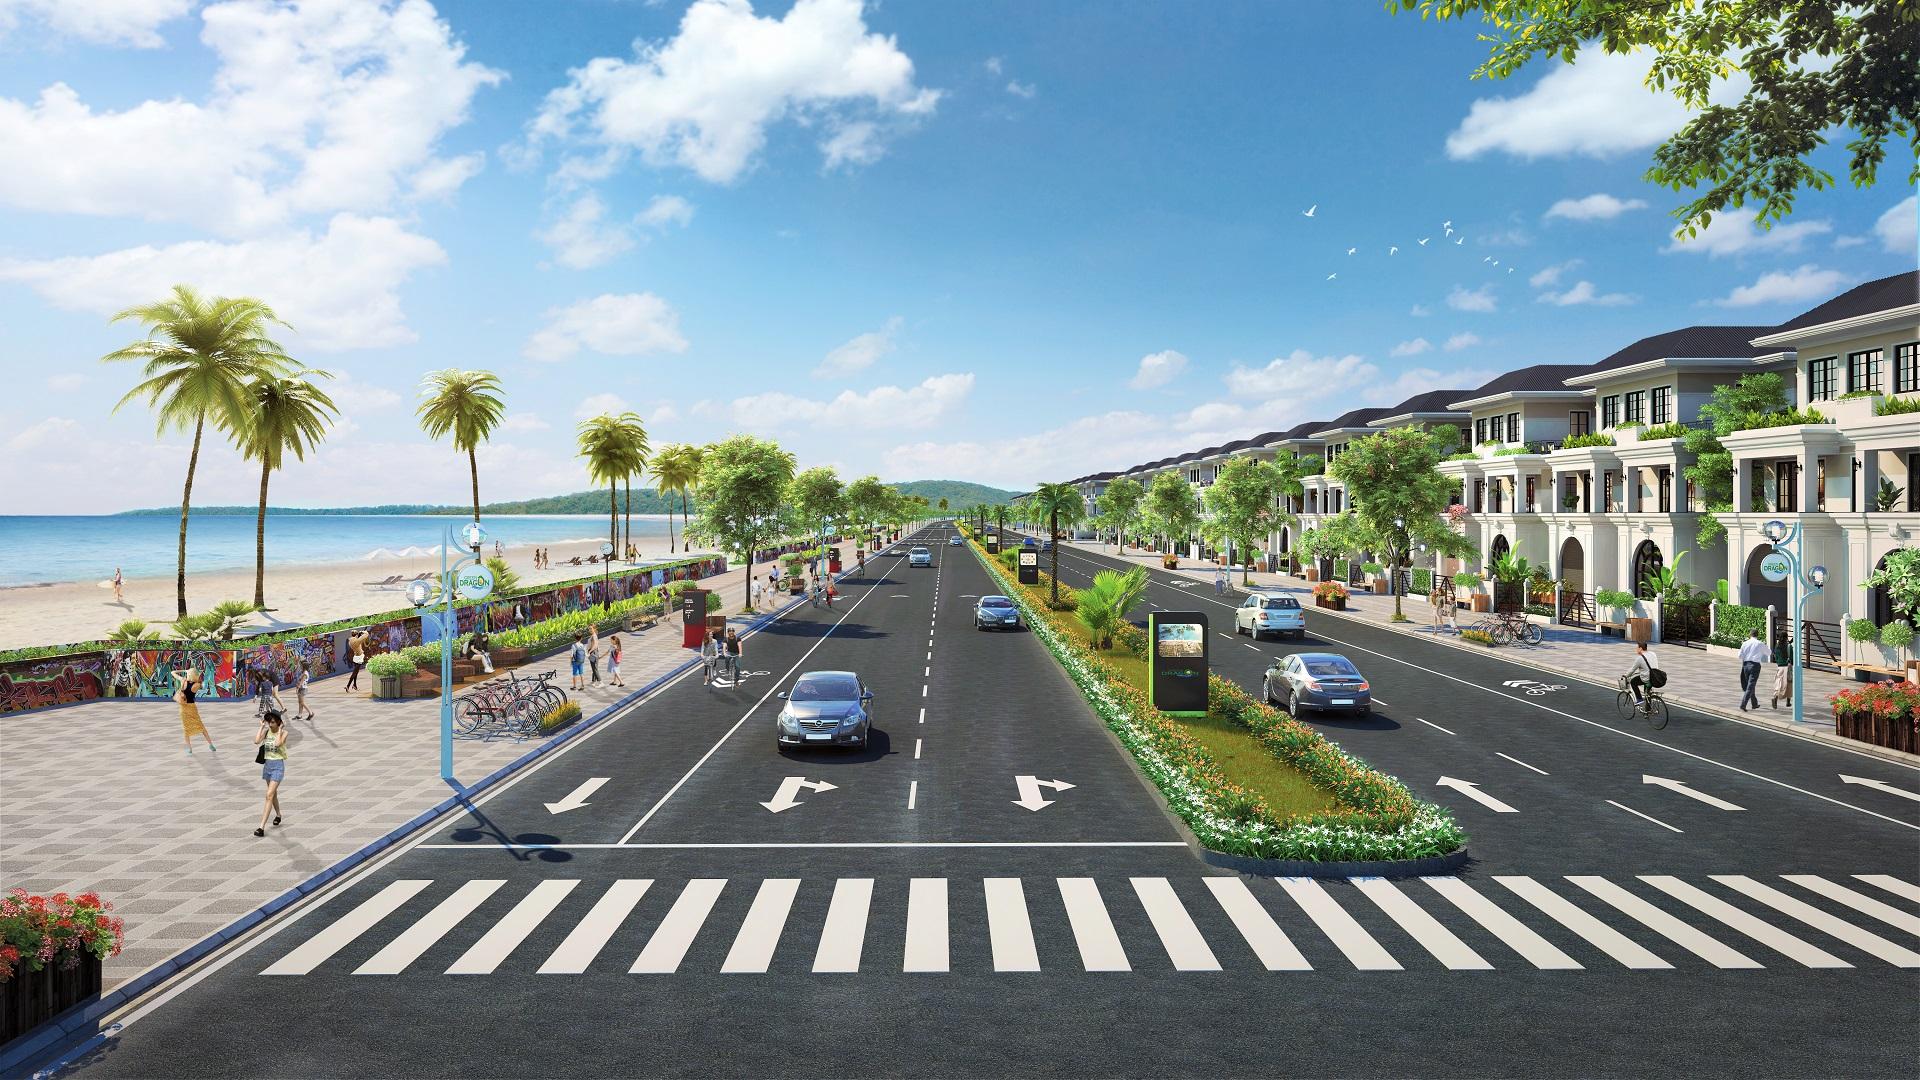 đường bao biển green dragon city